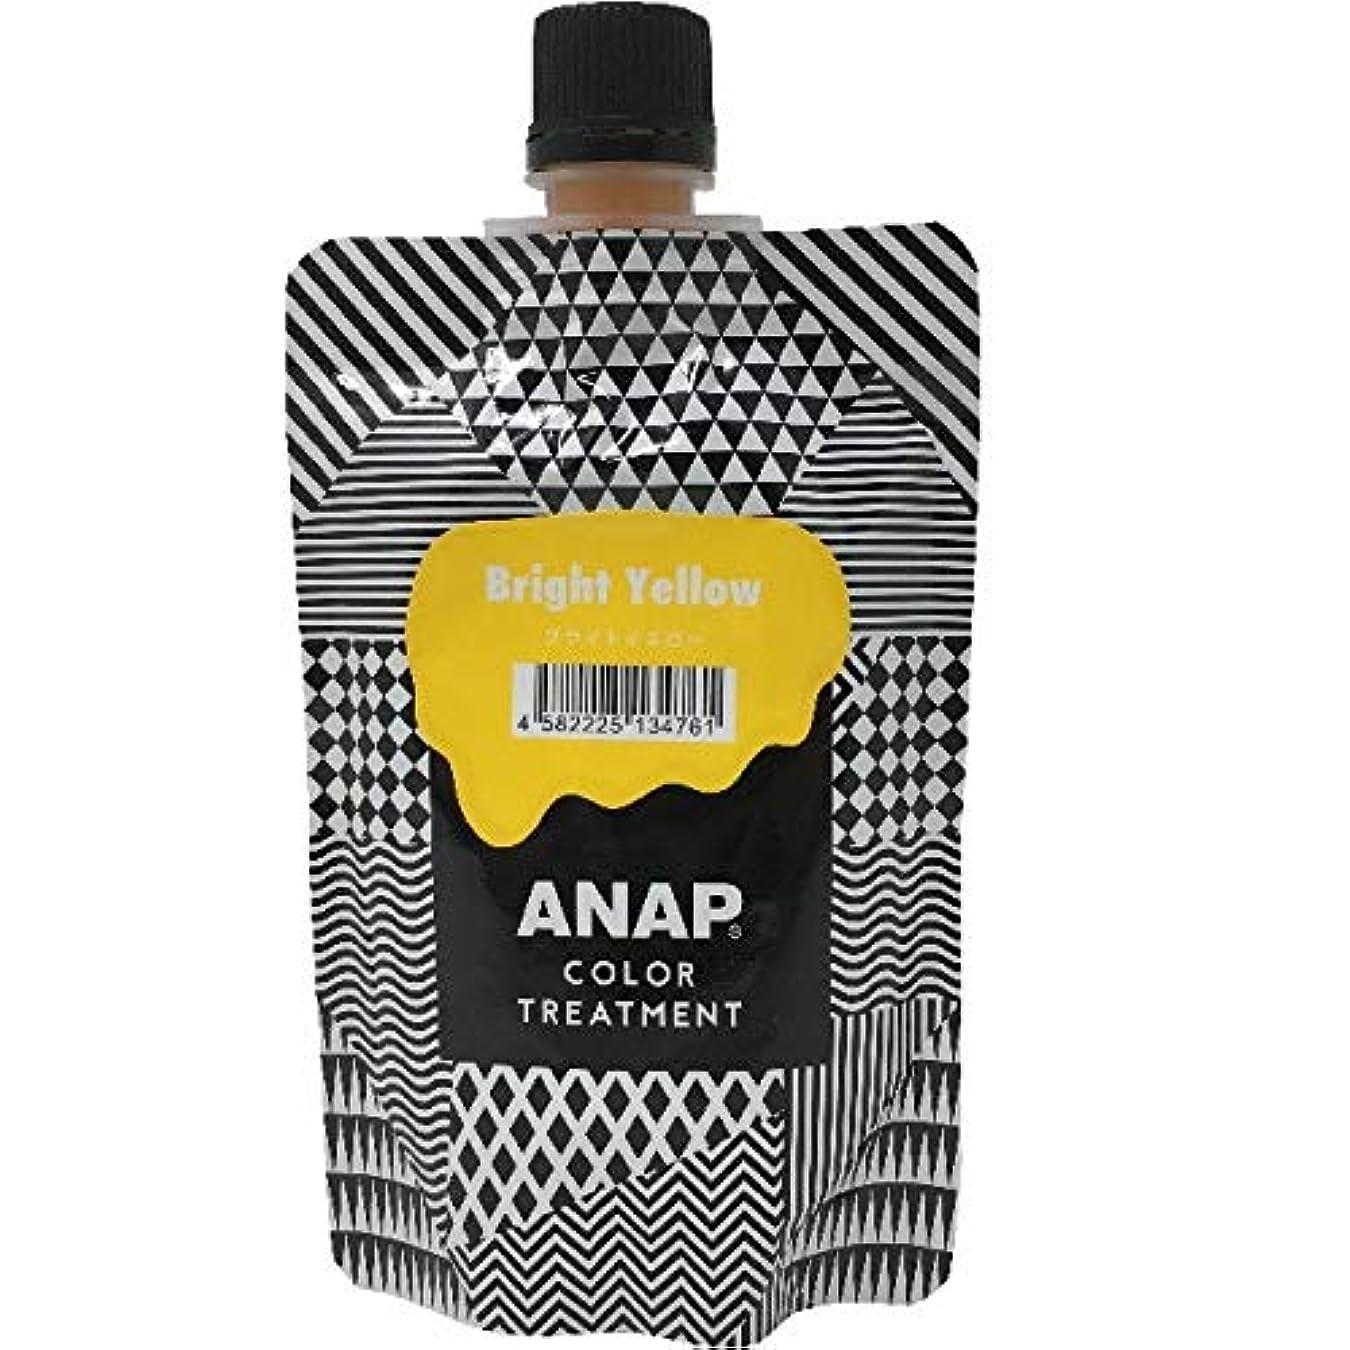 コンパニオン専門ダブルカミール ANAP カラートリートメント パウチ ブライトイエロー ふつう 150g